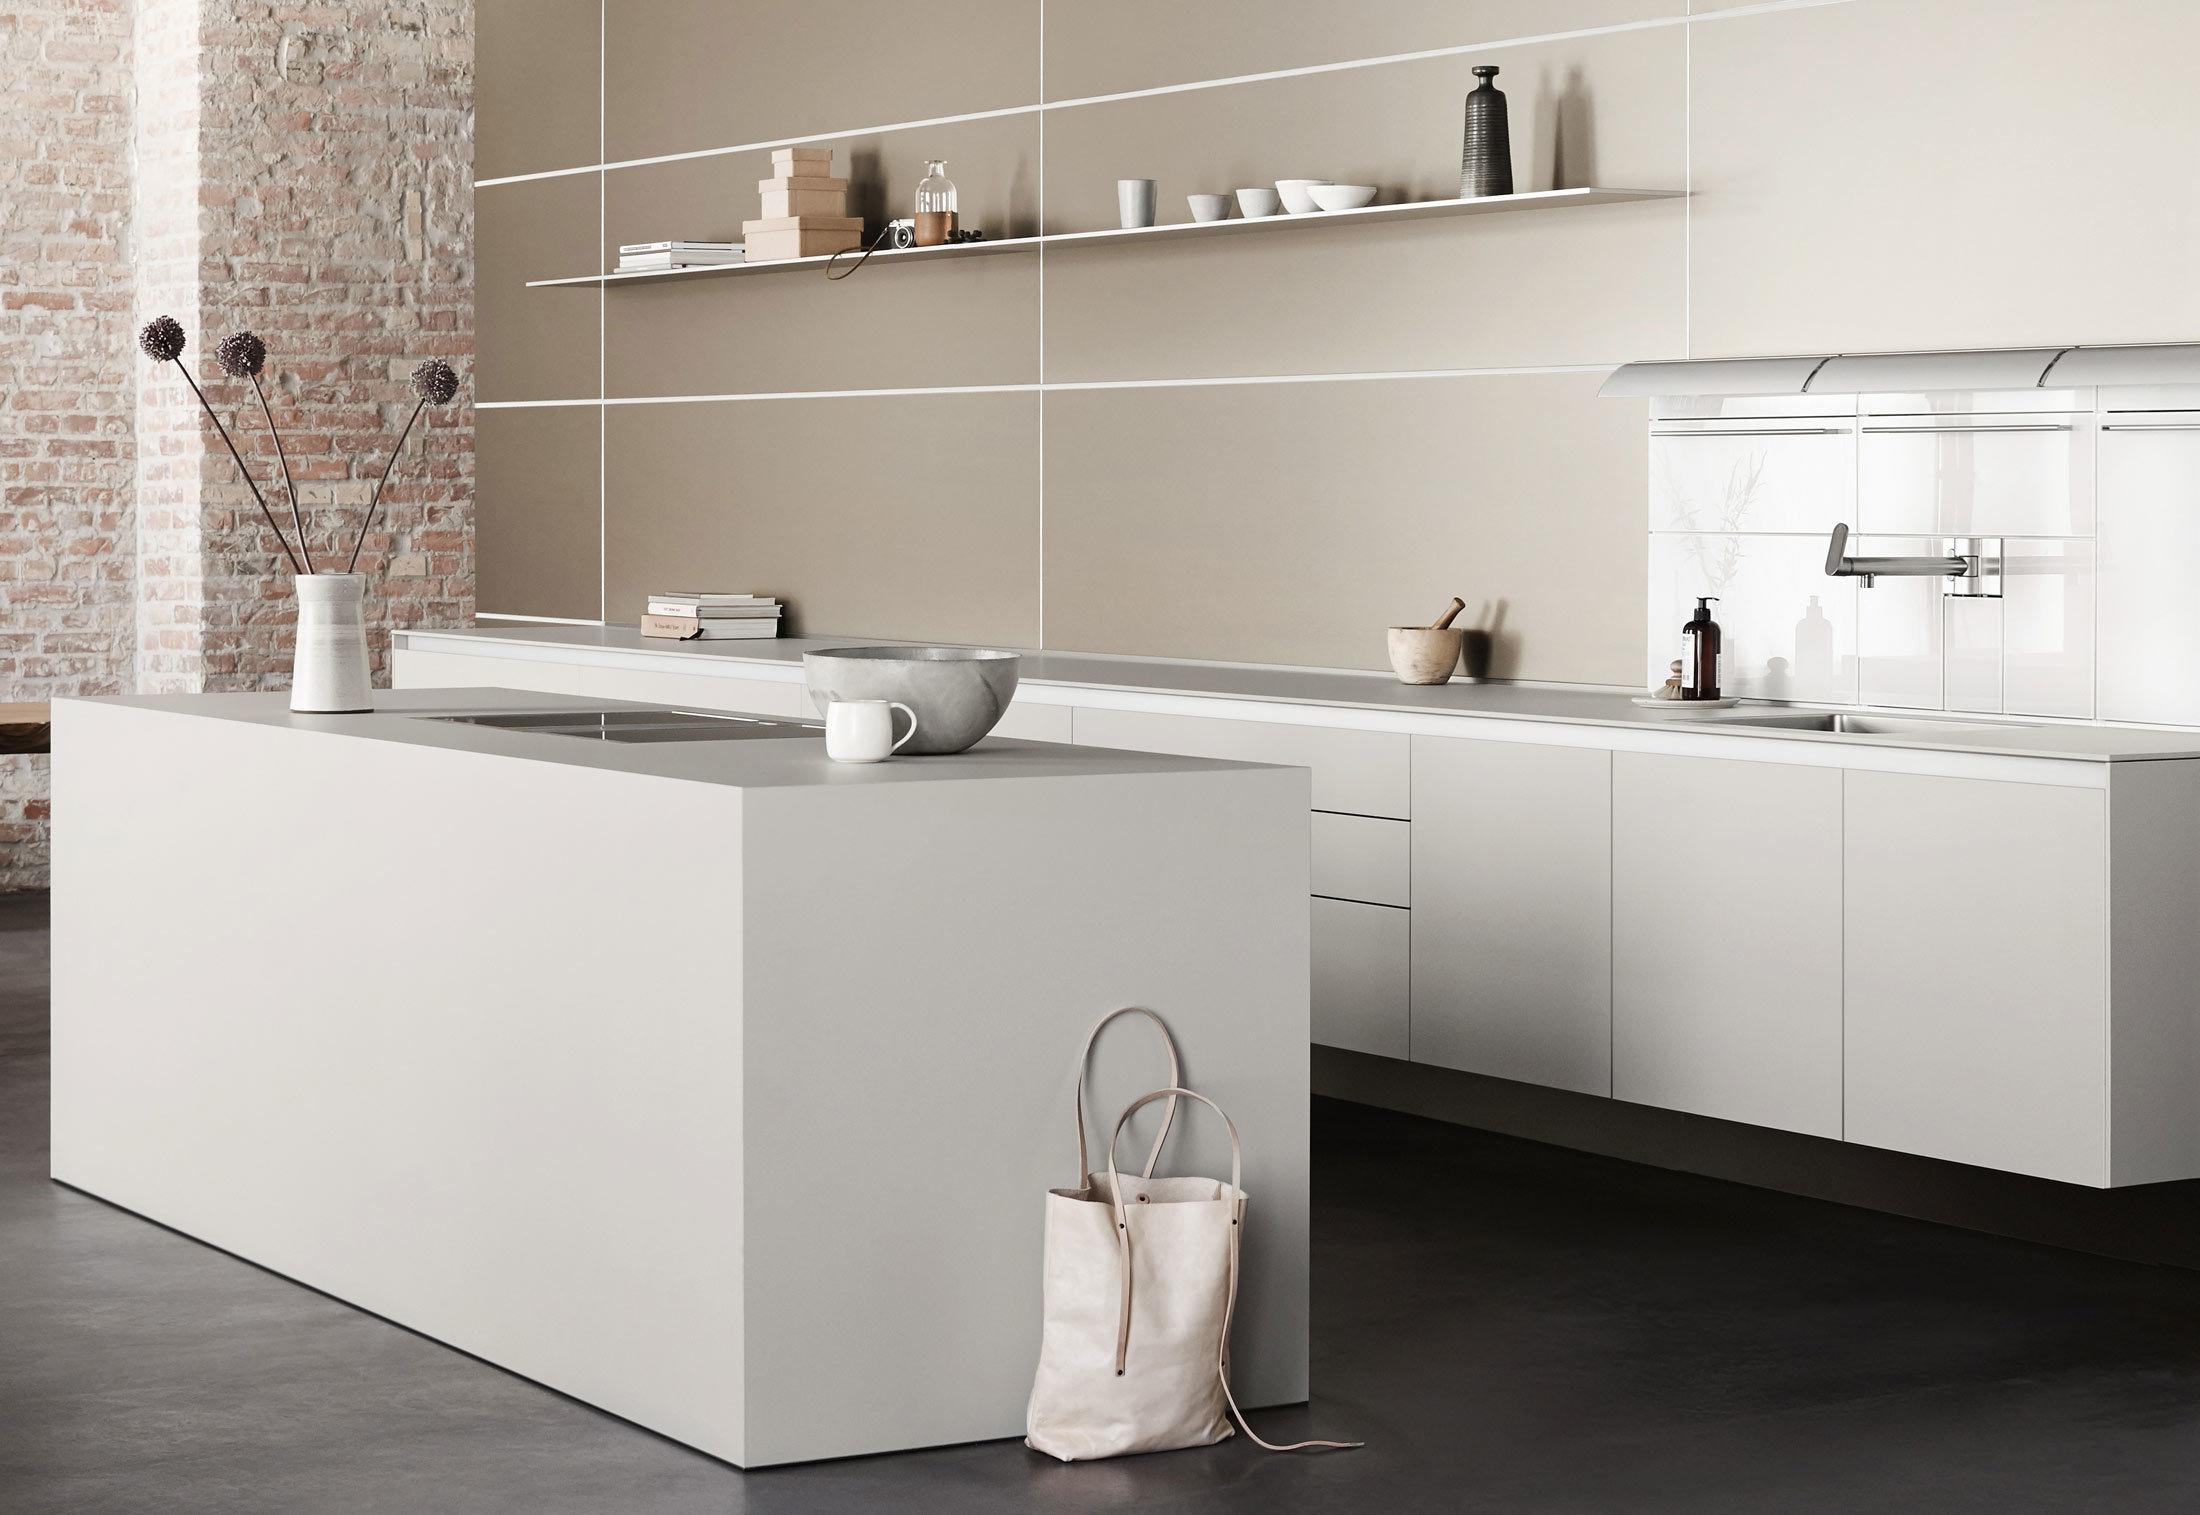 Bulthaup B3 Keuken : Bulthaup küchen bulthaup b von bulthaup stylepark